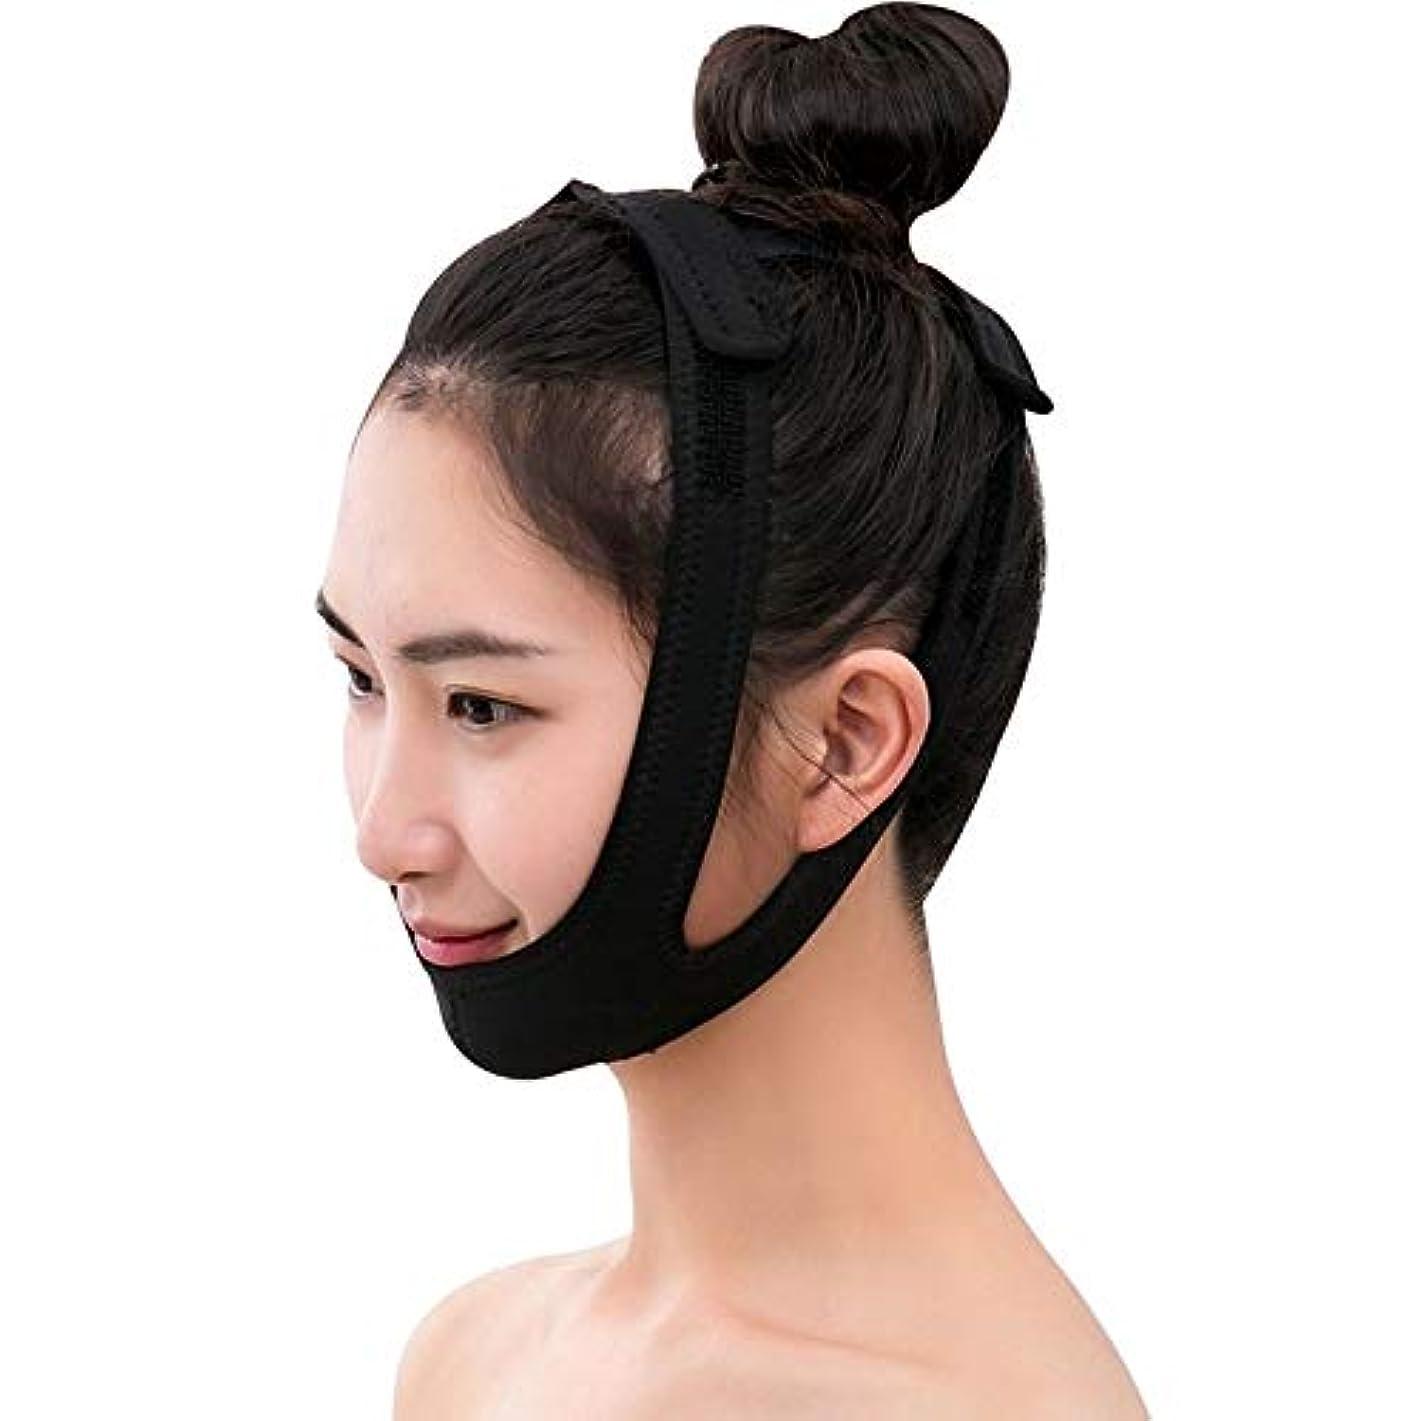 ミサイルホバート買い物に行くGYZ 強力なフェイスリフトアーチファクト術後回復ライン彫刻フェイシャルリフト睡眠リフティングフェイス引き締めVフェイス包帯 - 黒 Thin Face Belt